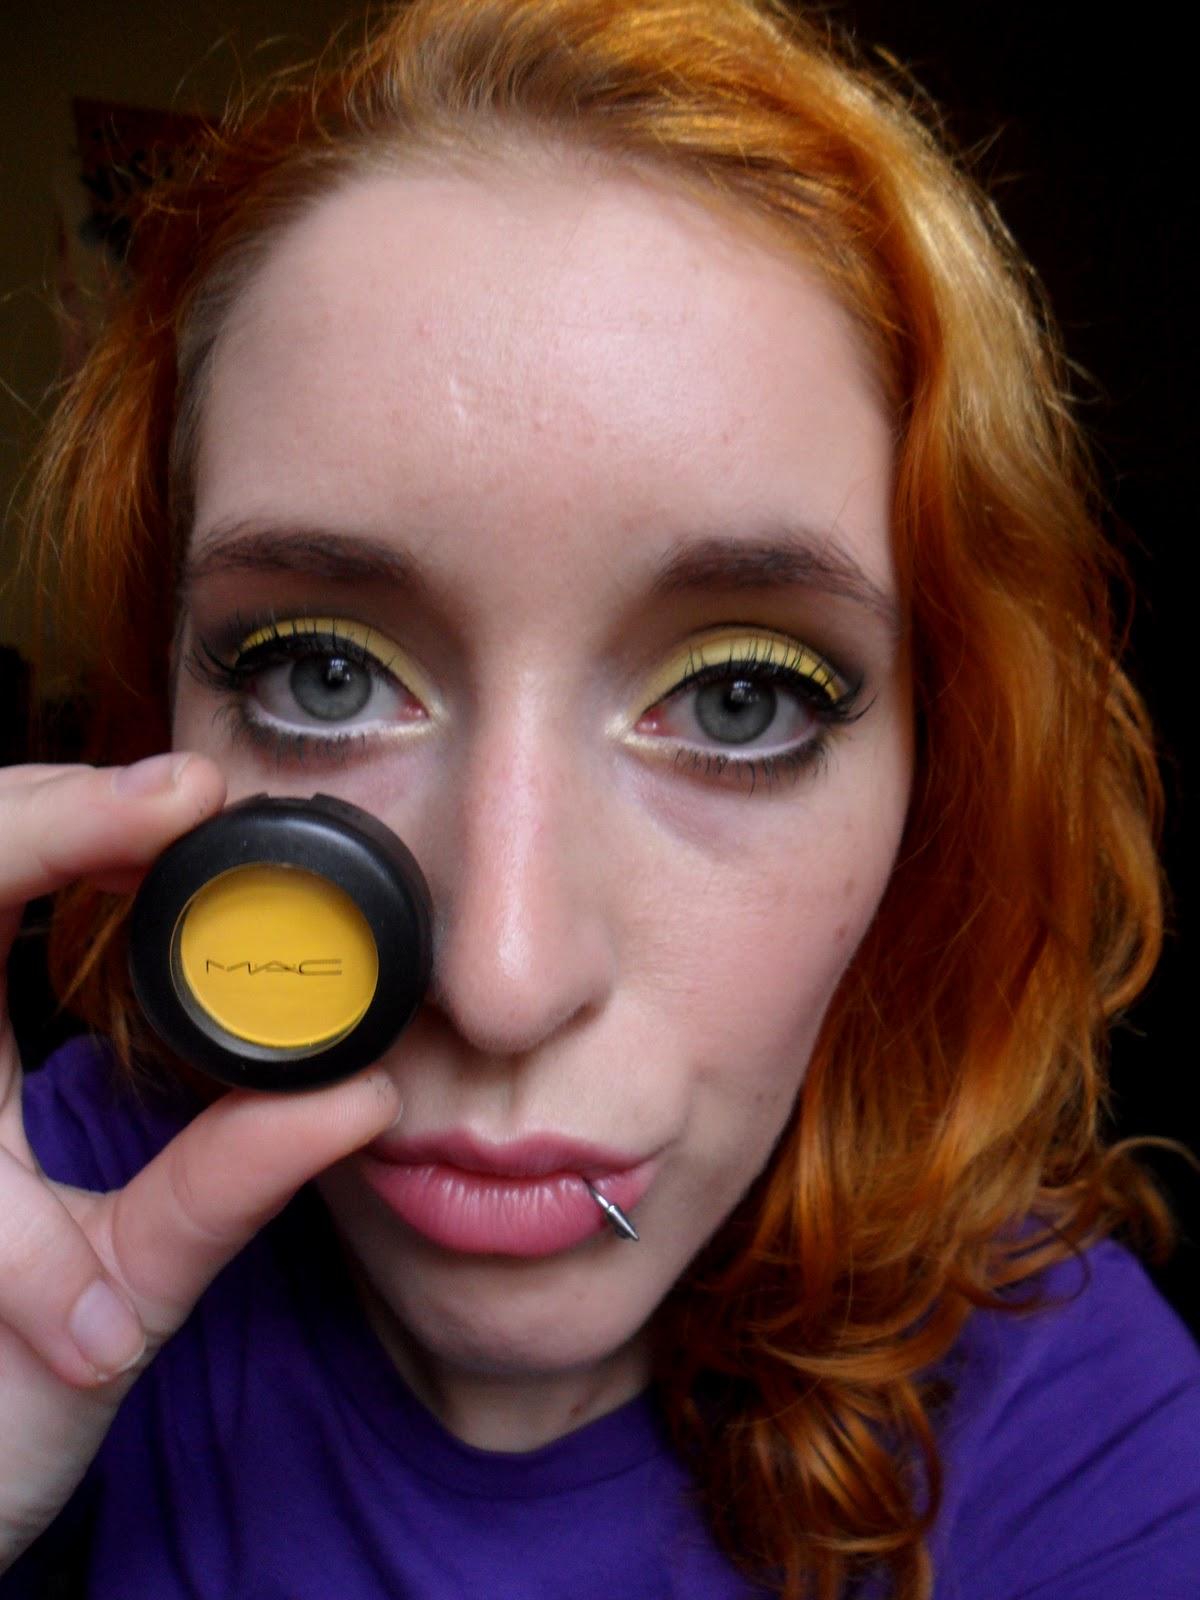 Pikachu Makeup